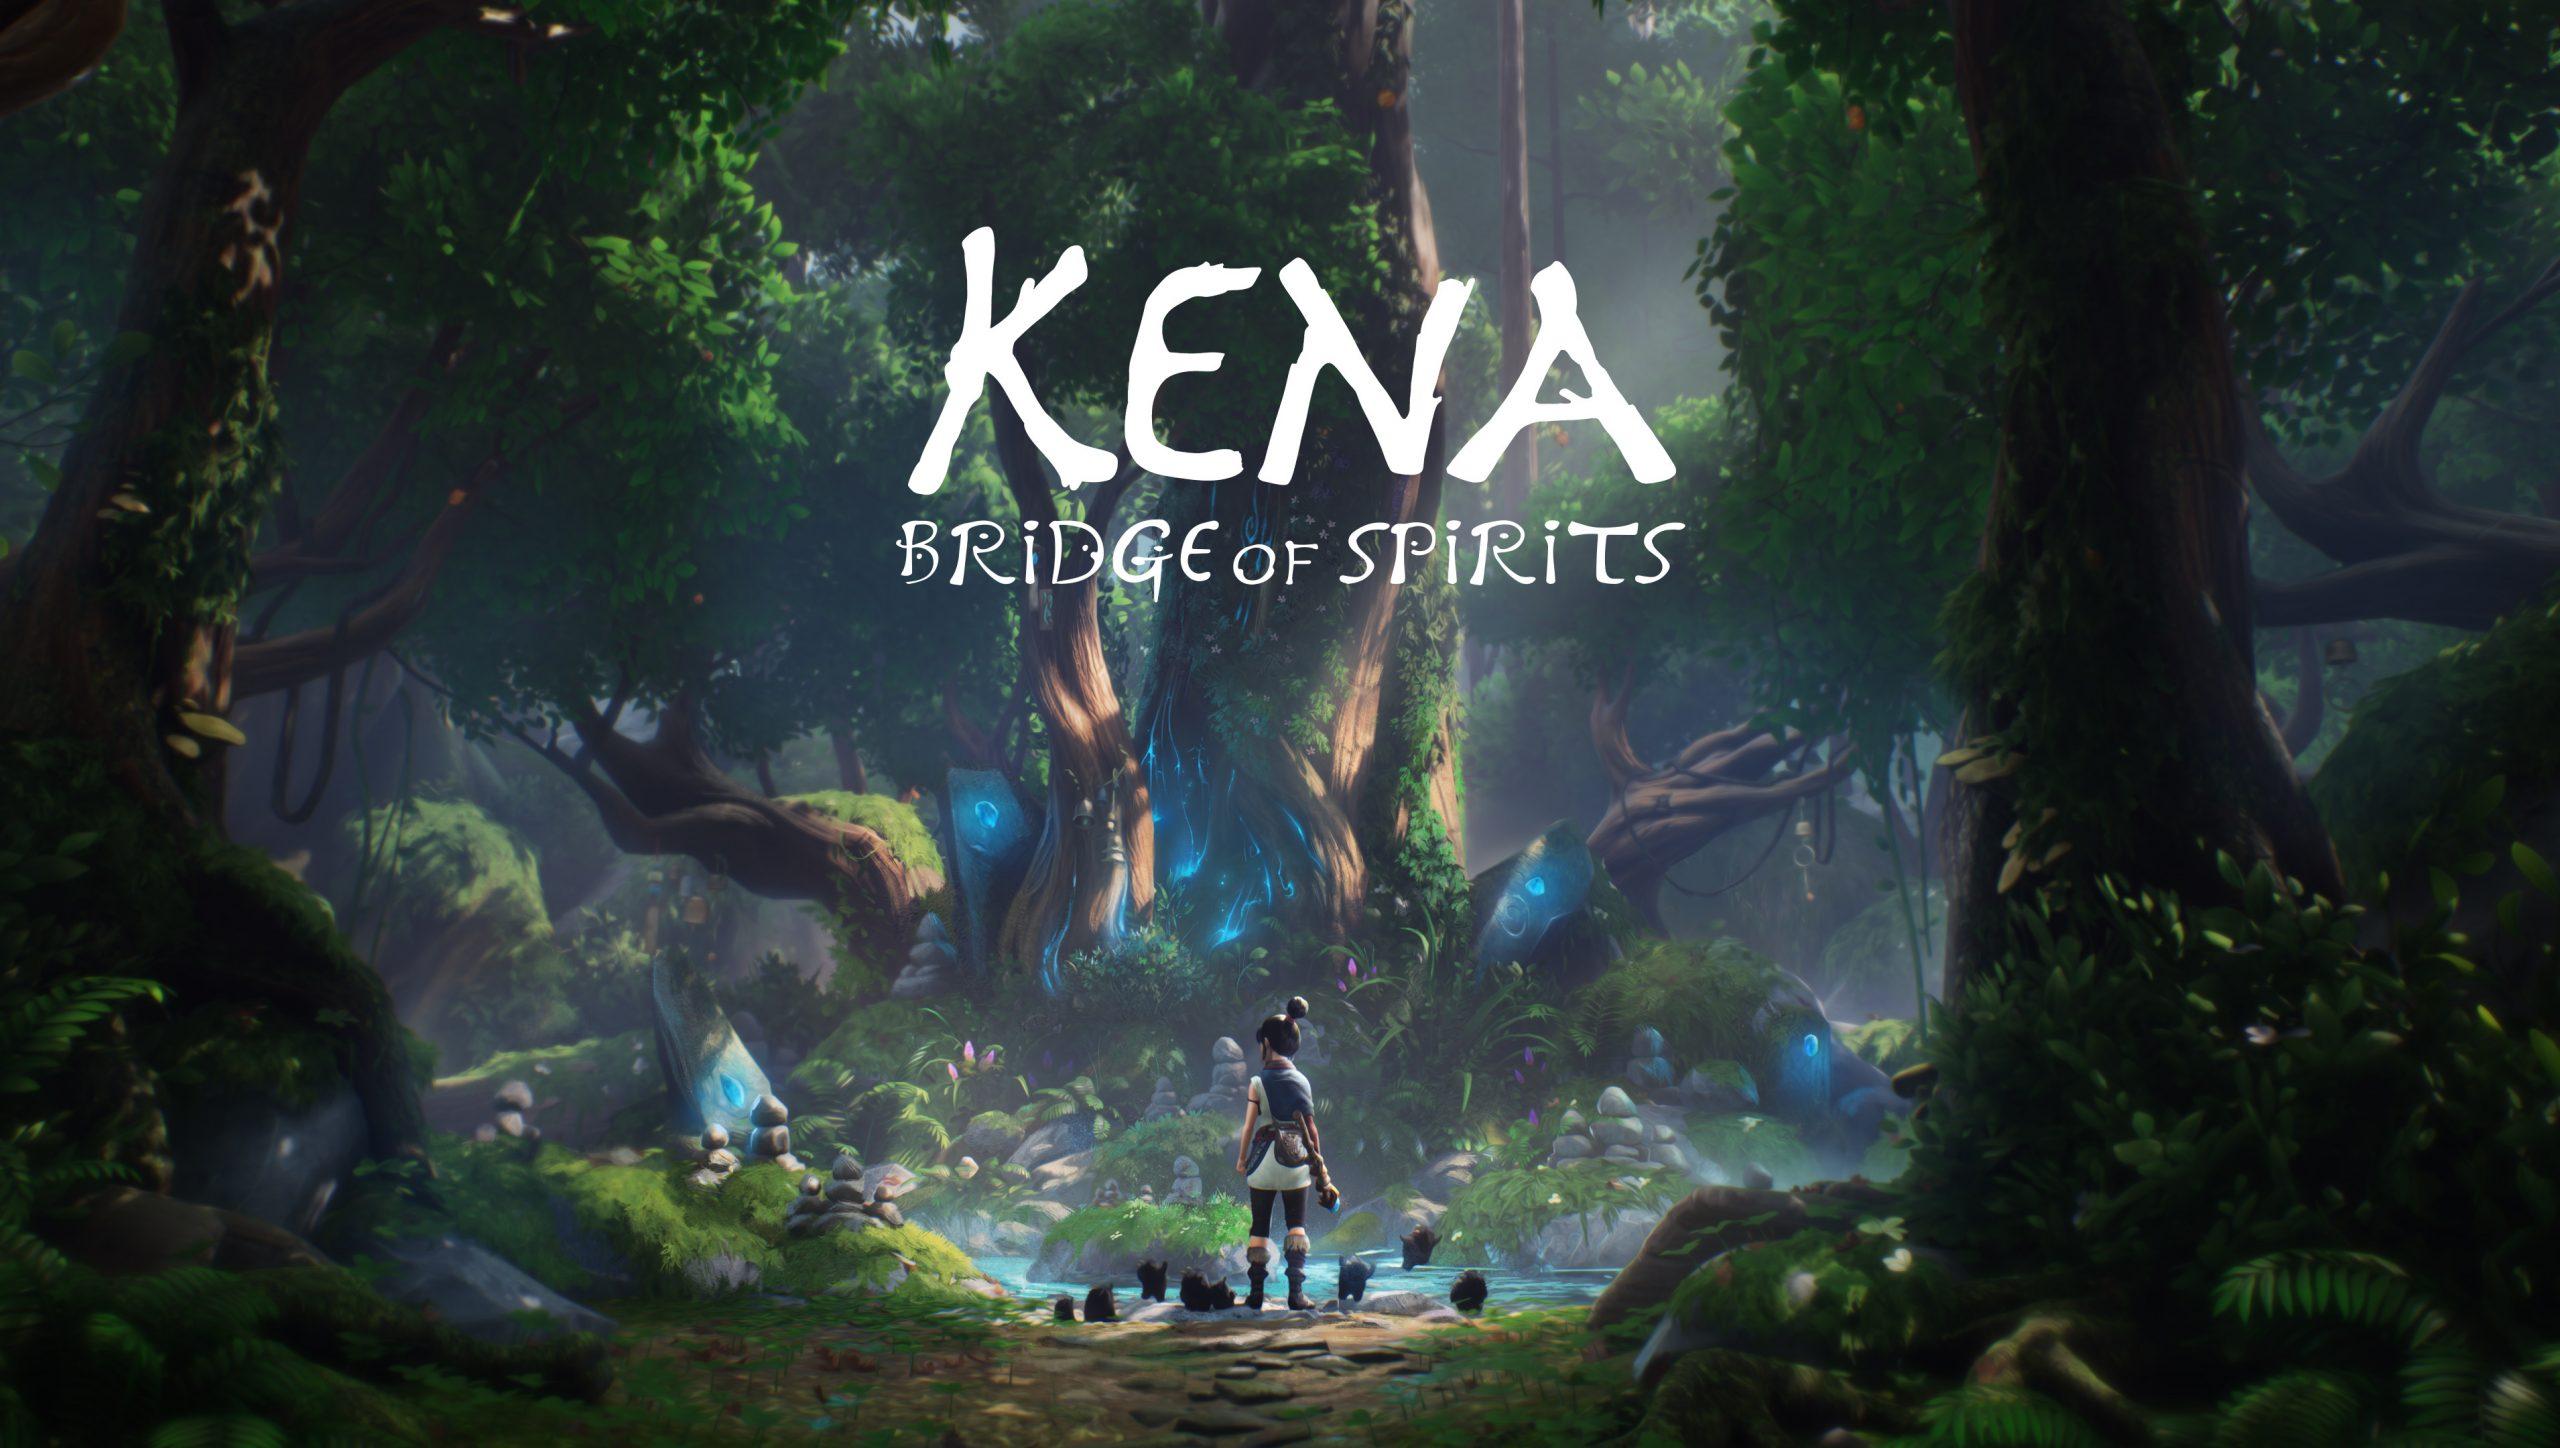 سیستم پیشنهادی بازی Kena: Bridge of Spirits